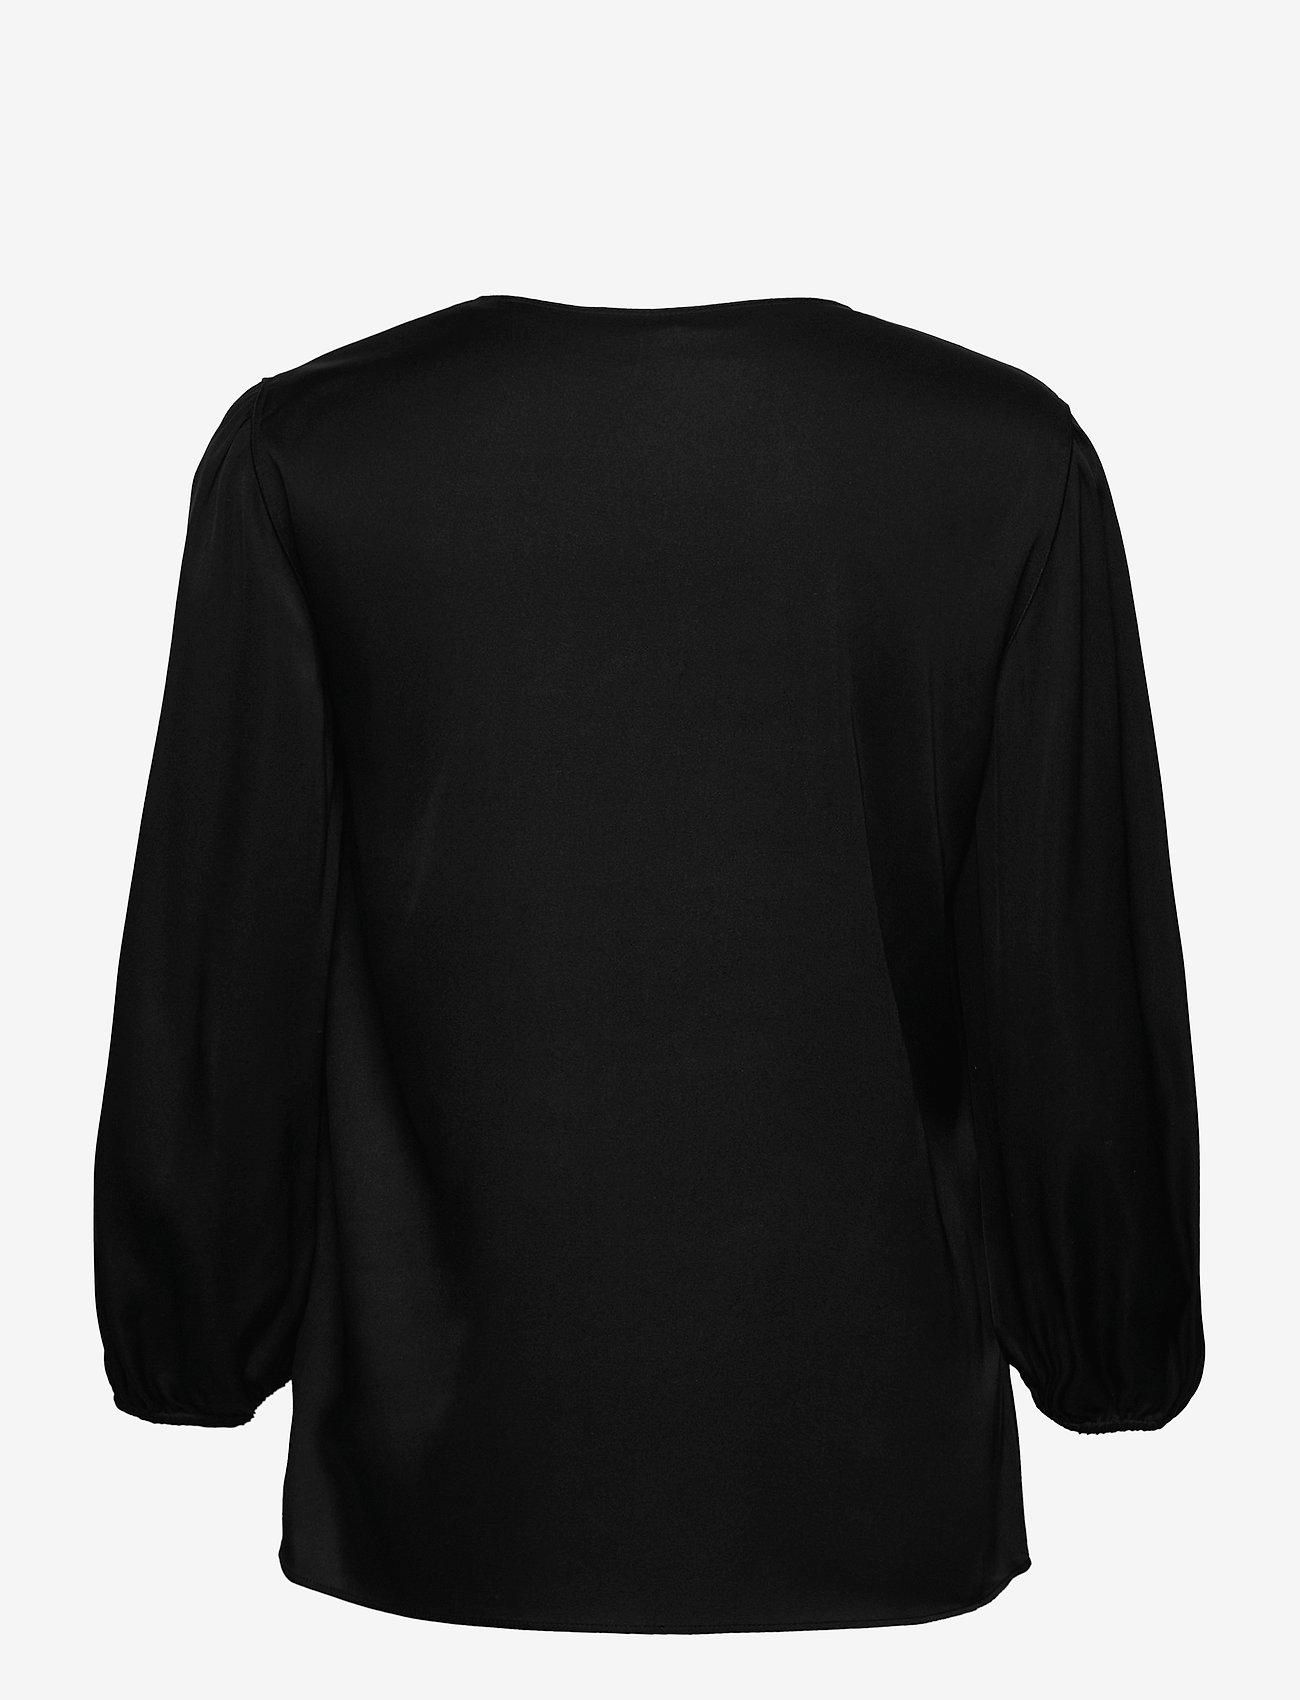 HUGO - Celinas-1 - blouses à manches longues - black - 1